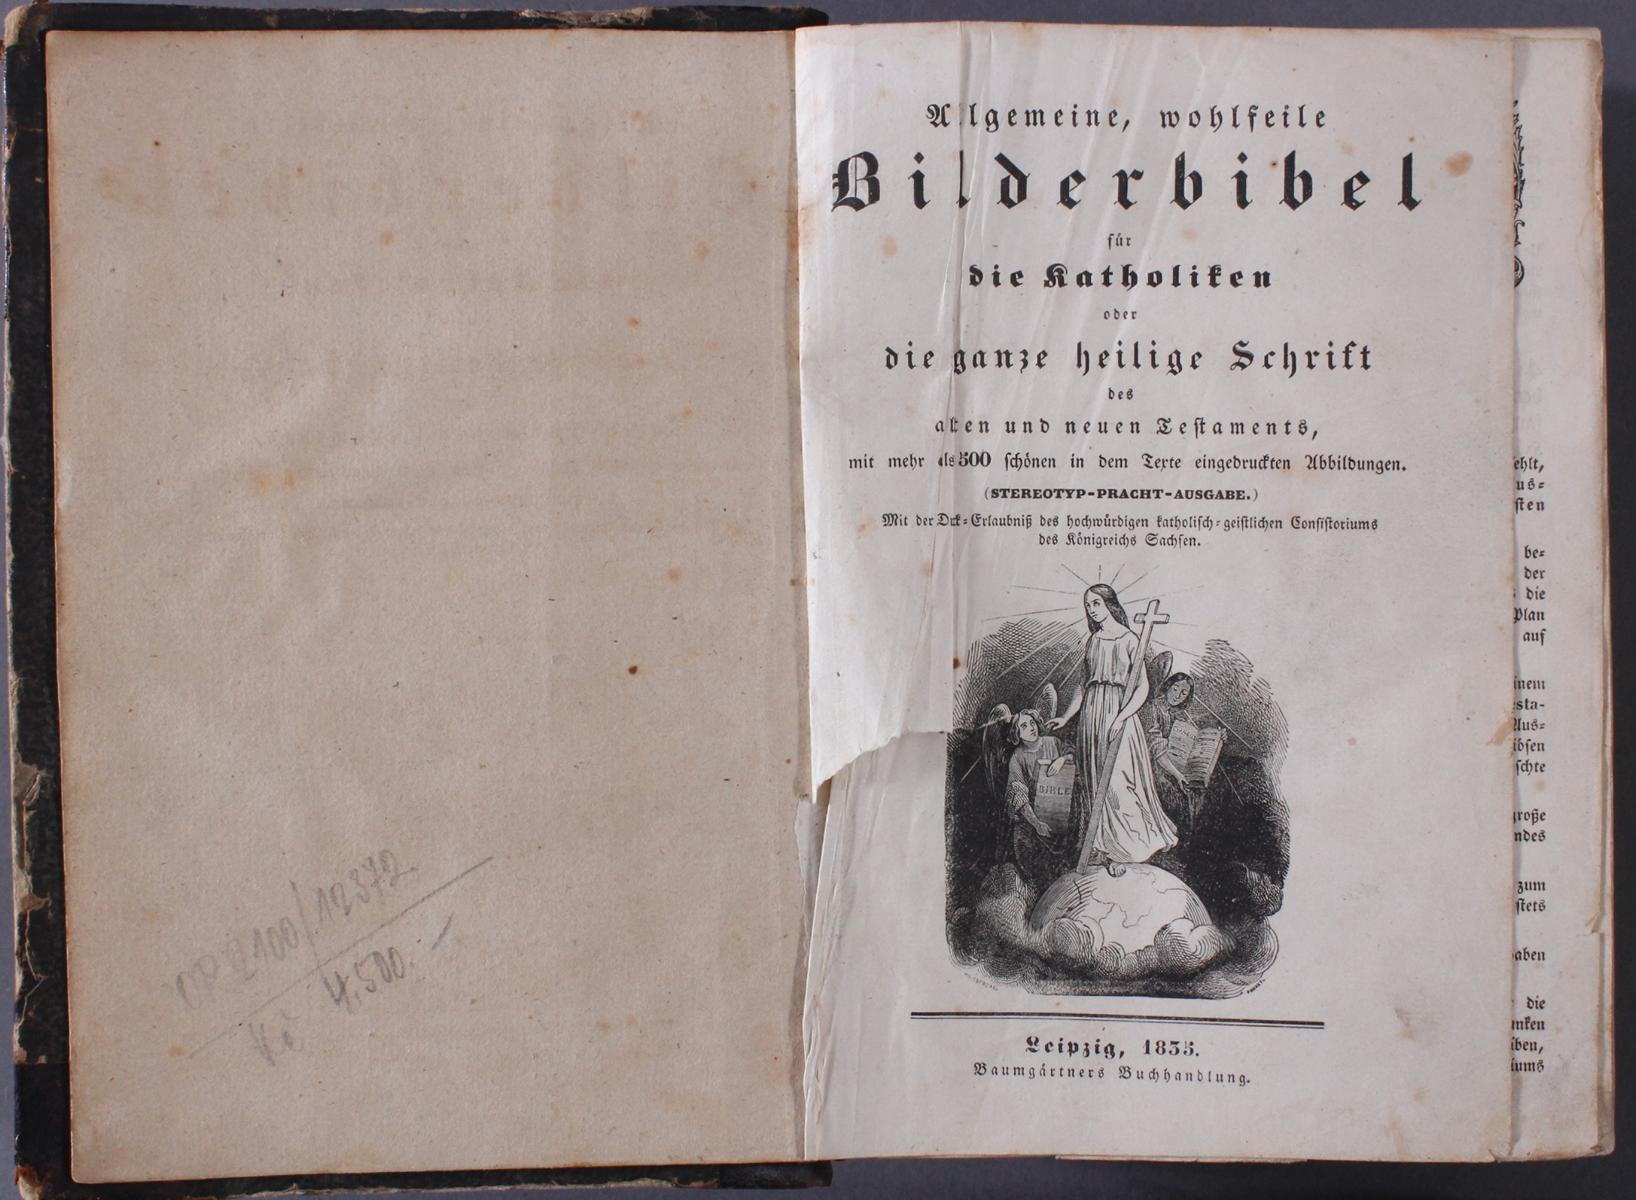 Bilderbibel für die Katholiken von 1835-2